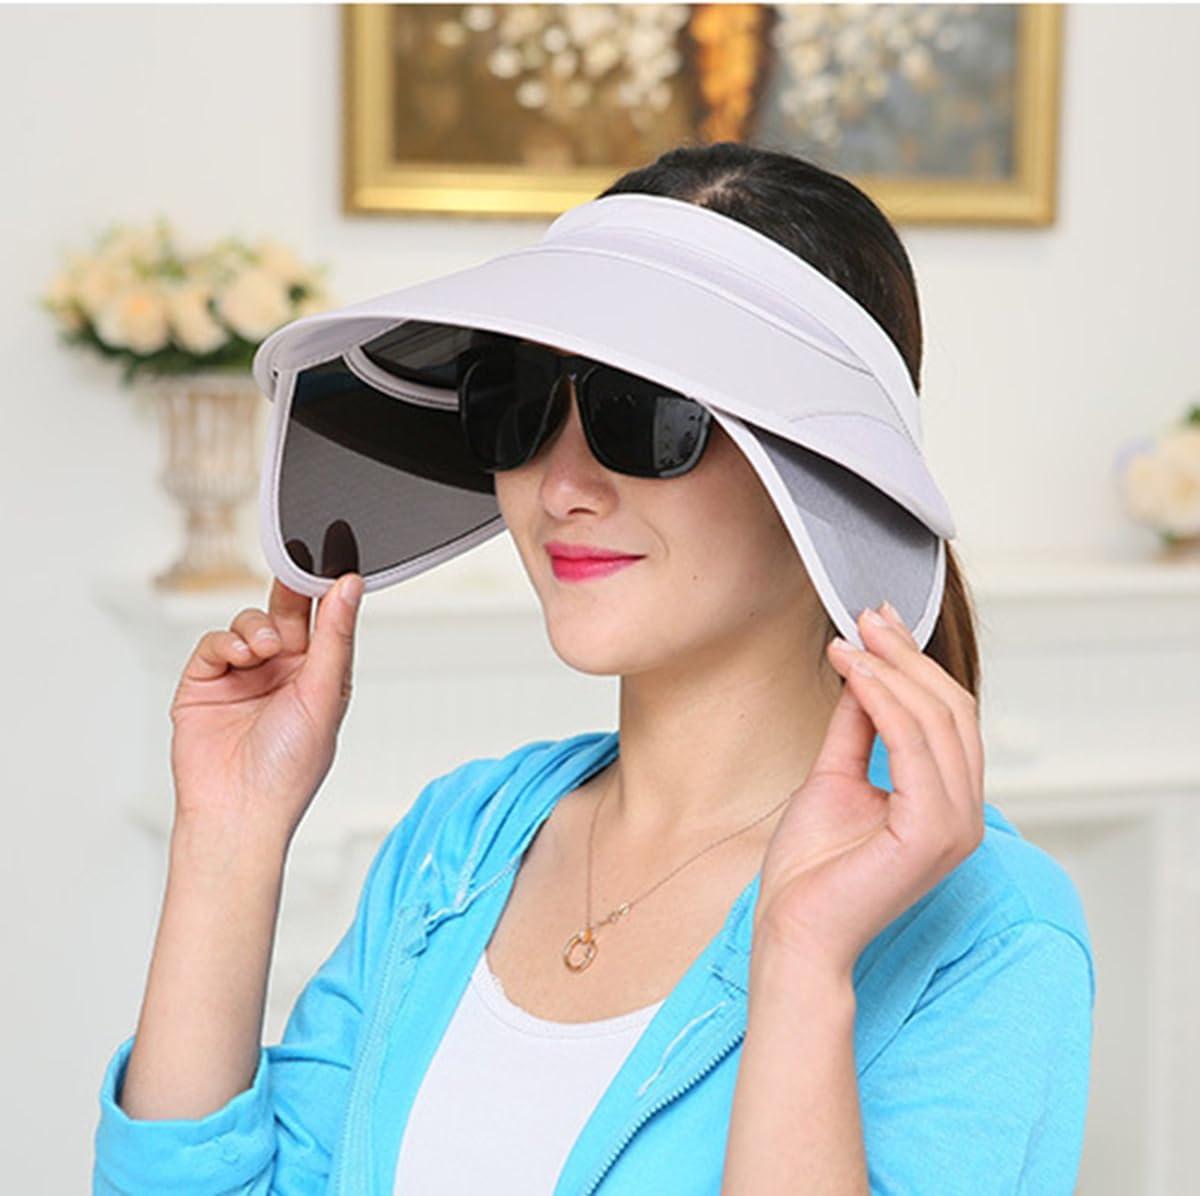 TININNA Sombrero,Moda Sombrero Visera de Sol del Verano Mujeres Escalable Plegable resiste UV Gorro del Playa Viaje Ciclismo Beige